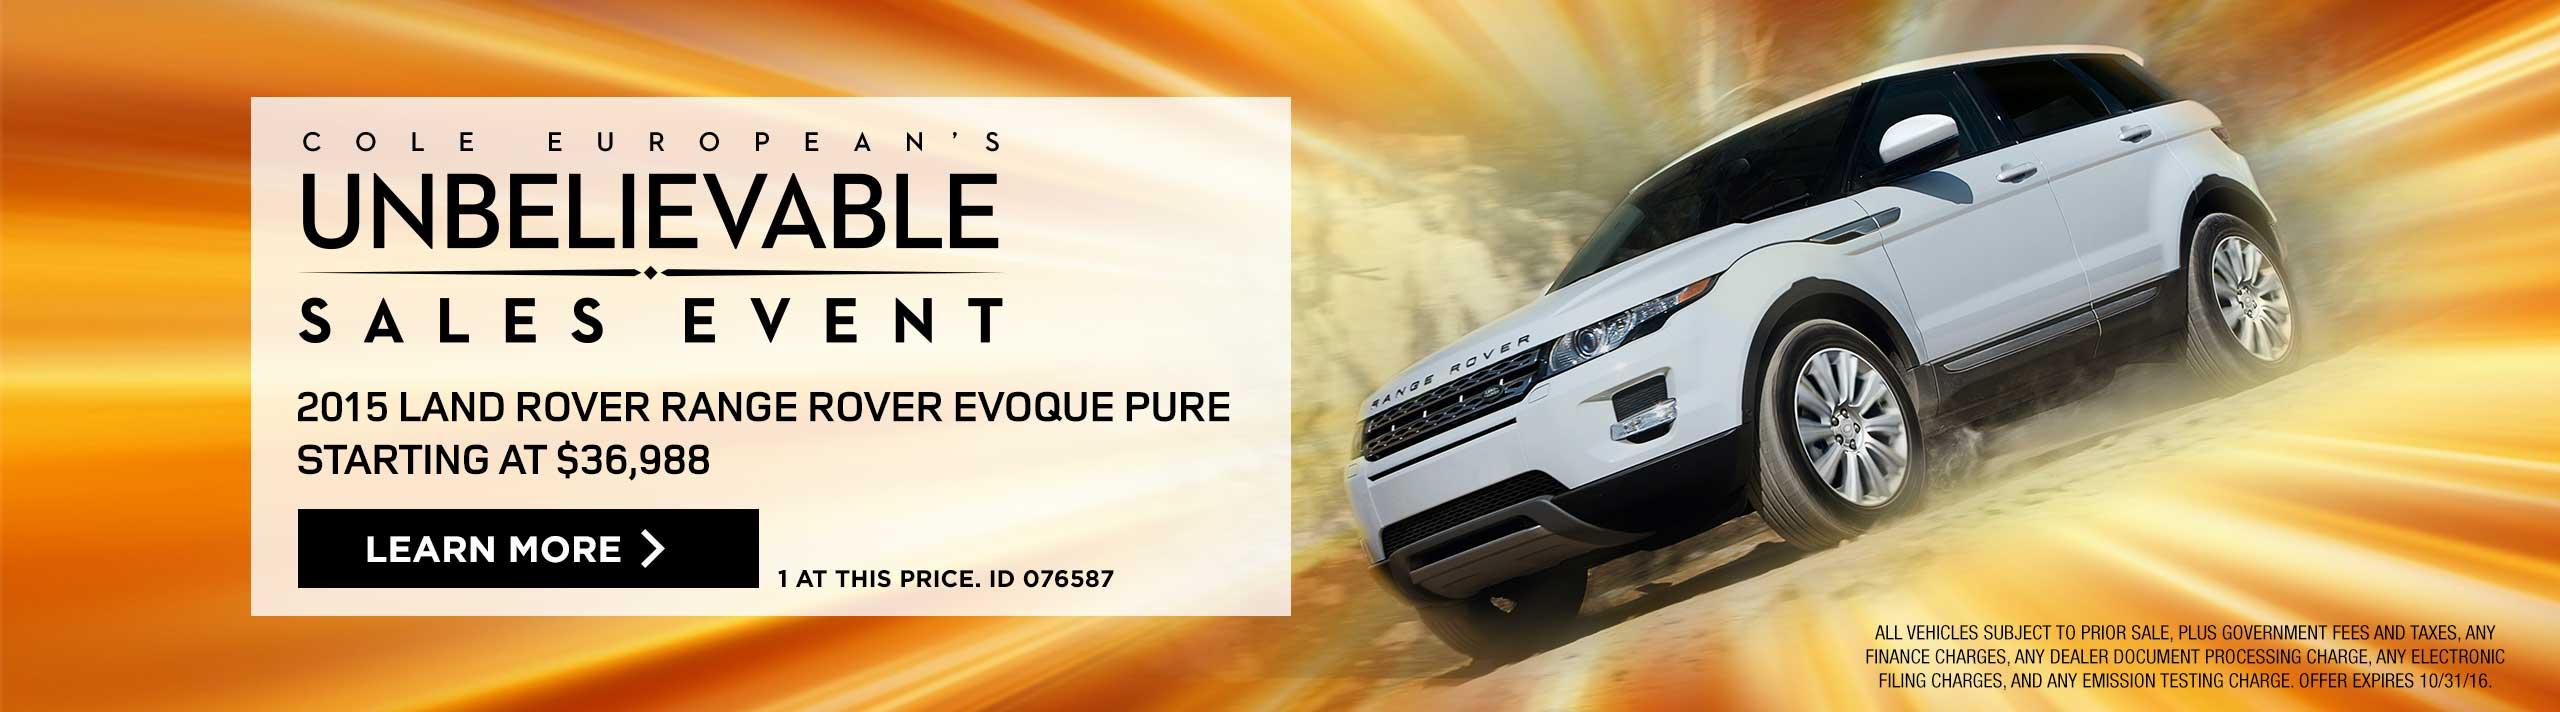 Land Rover - Unbelievable Sales Event